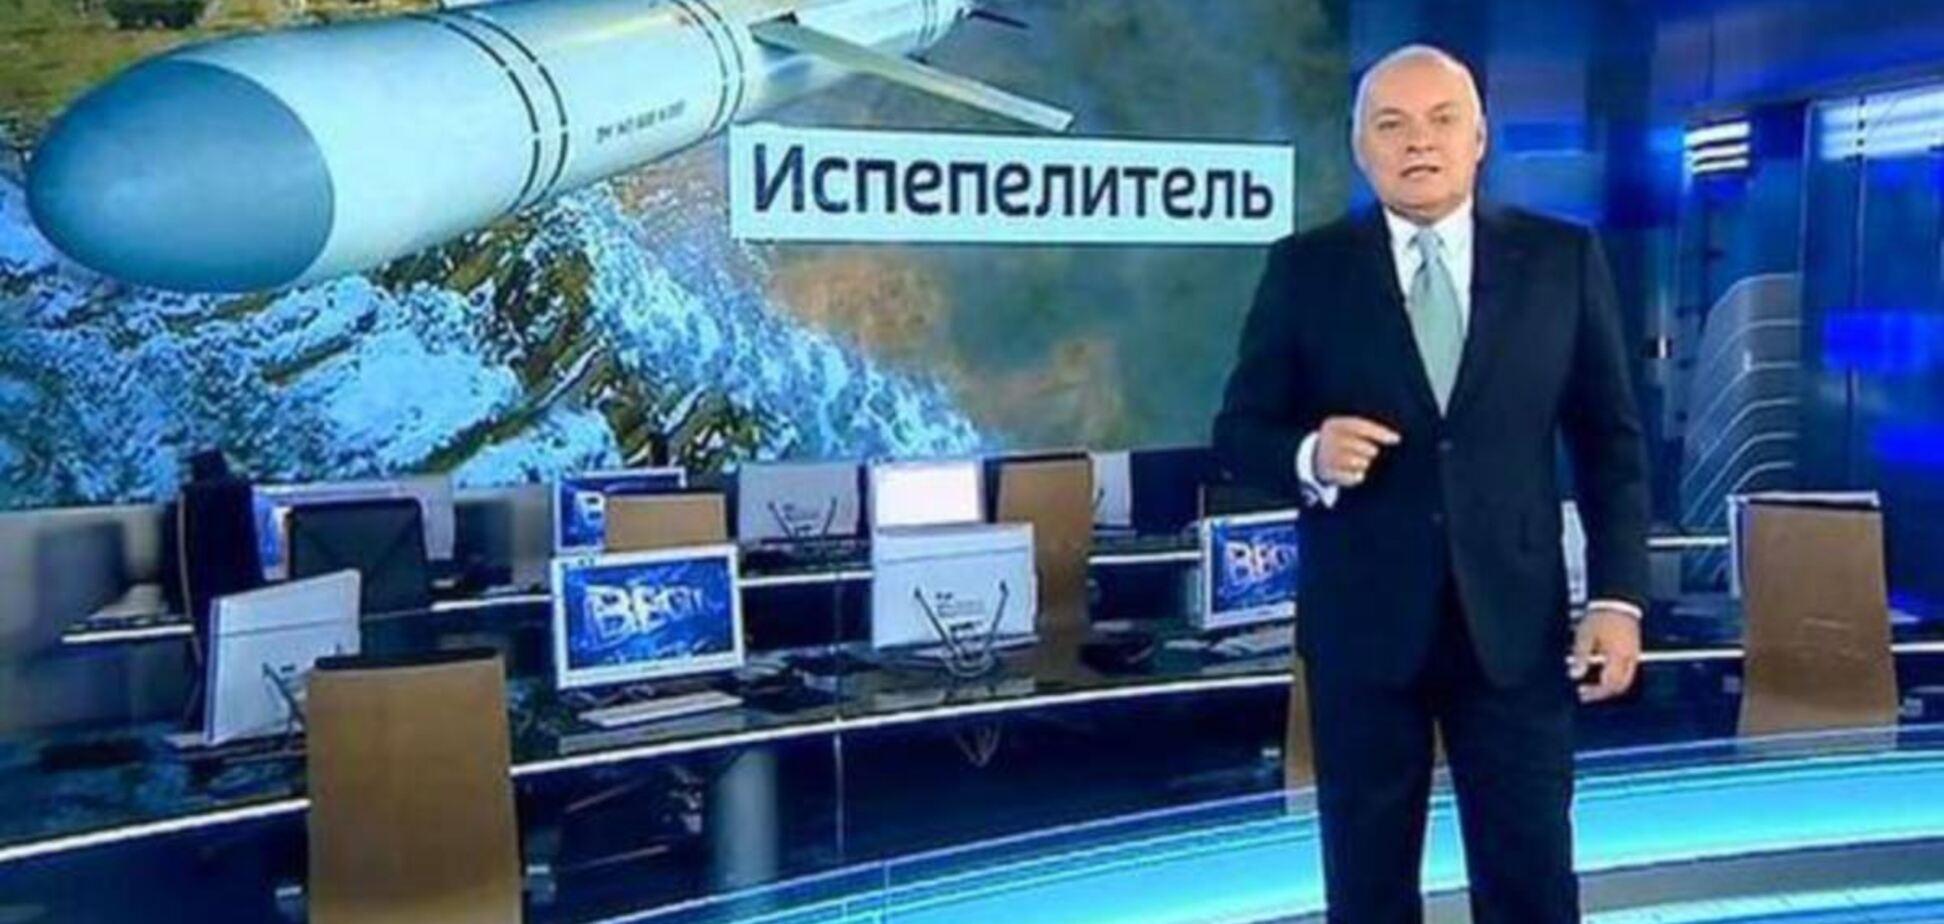 Один з найвідоміших російських пропагандистів Дмитро Кисельов